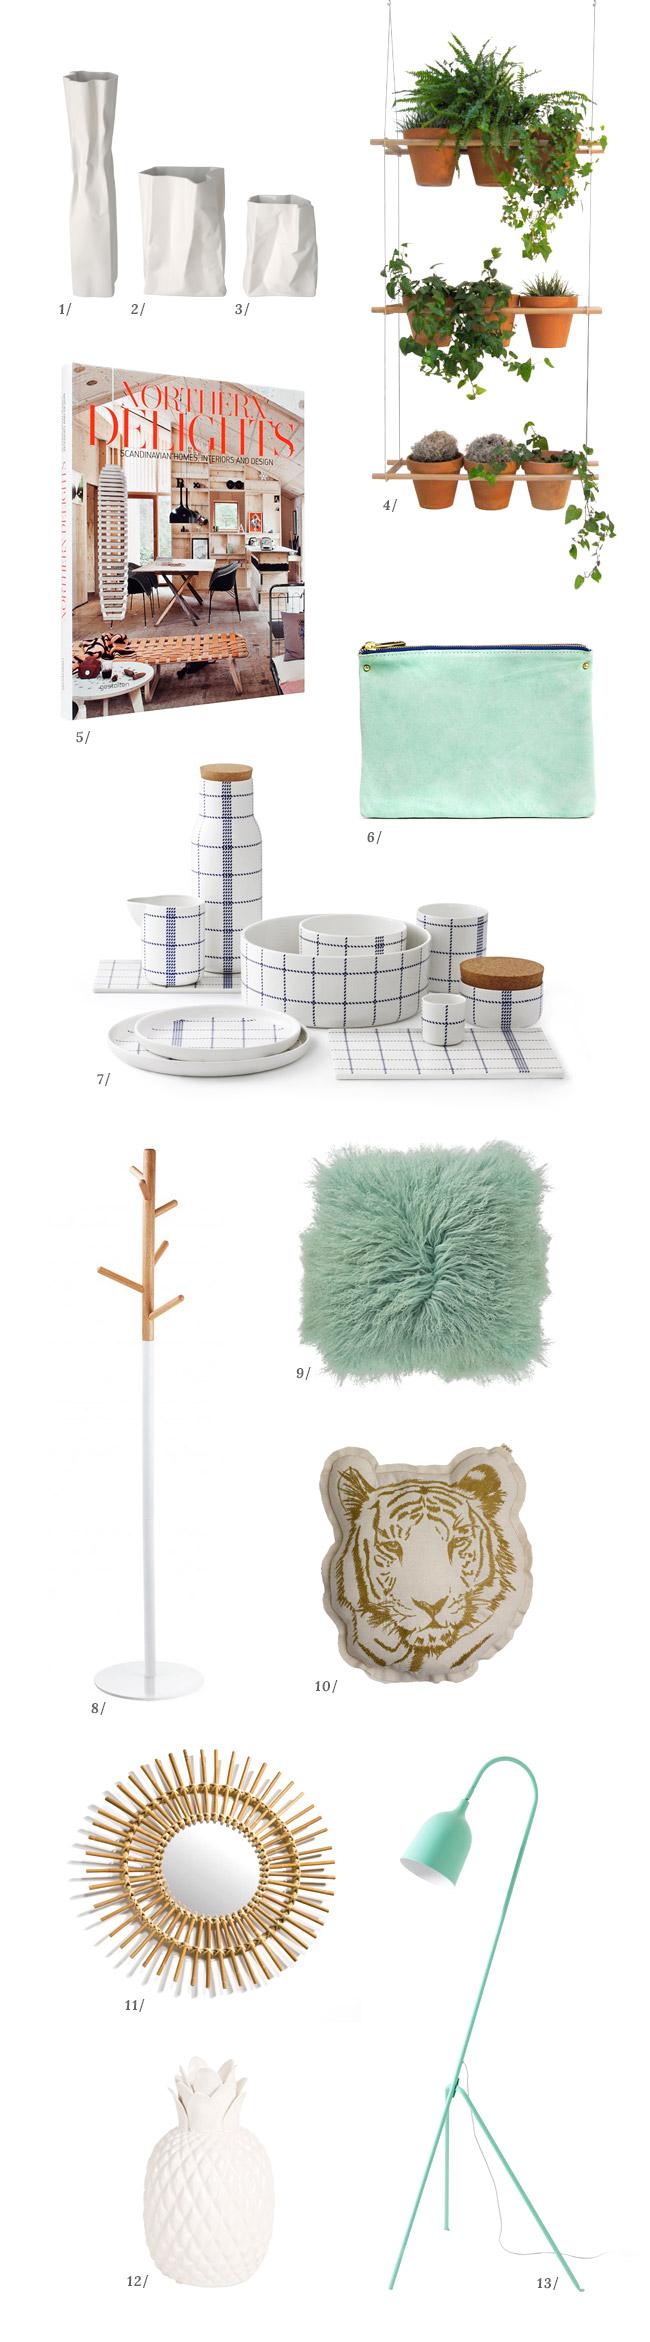 des cadeaux pour les mamans livrables en 48h poligom. Black Bedroom Furniture Sets. Home Design Ideas